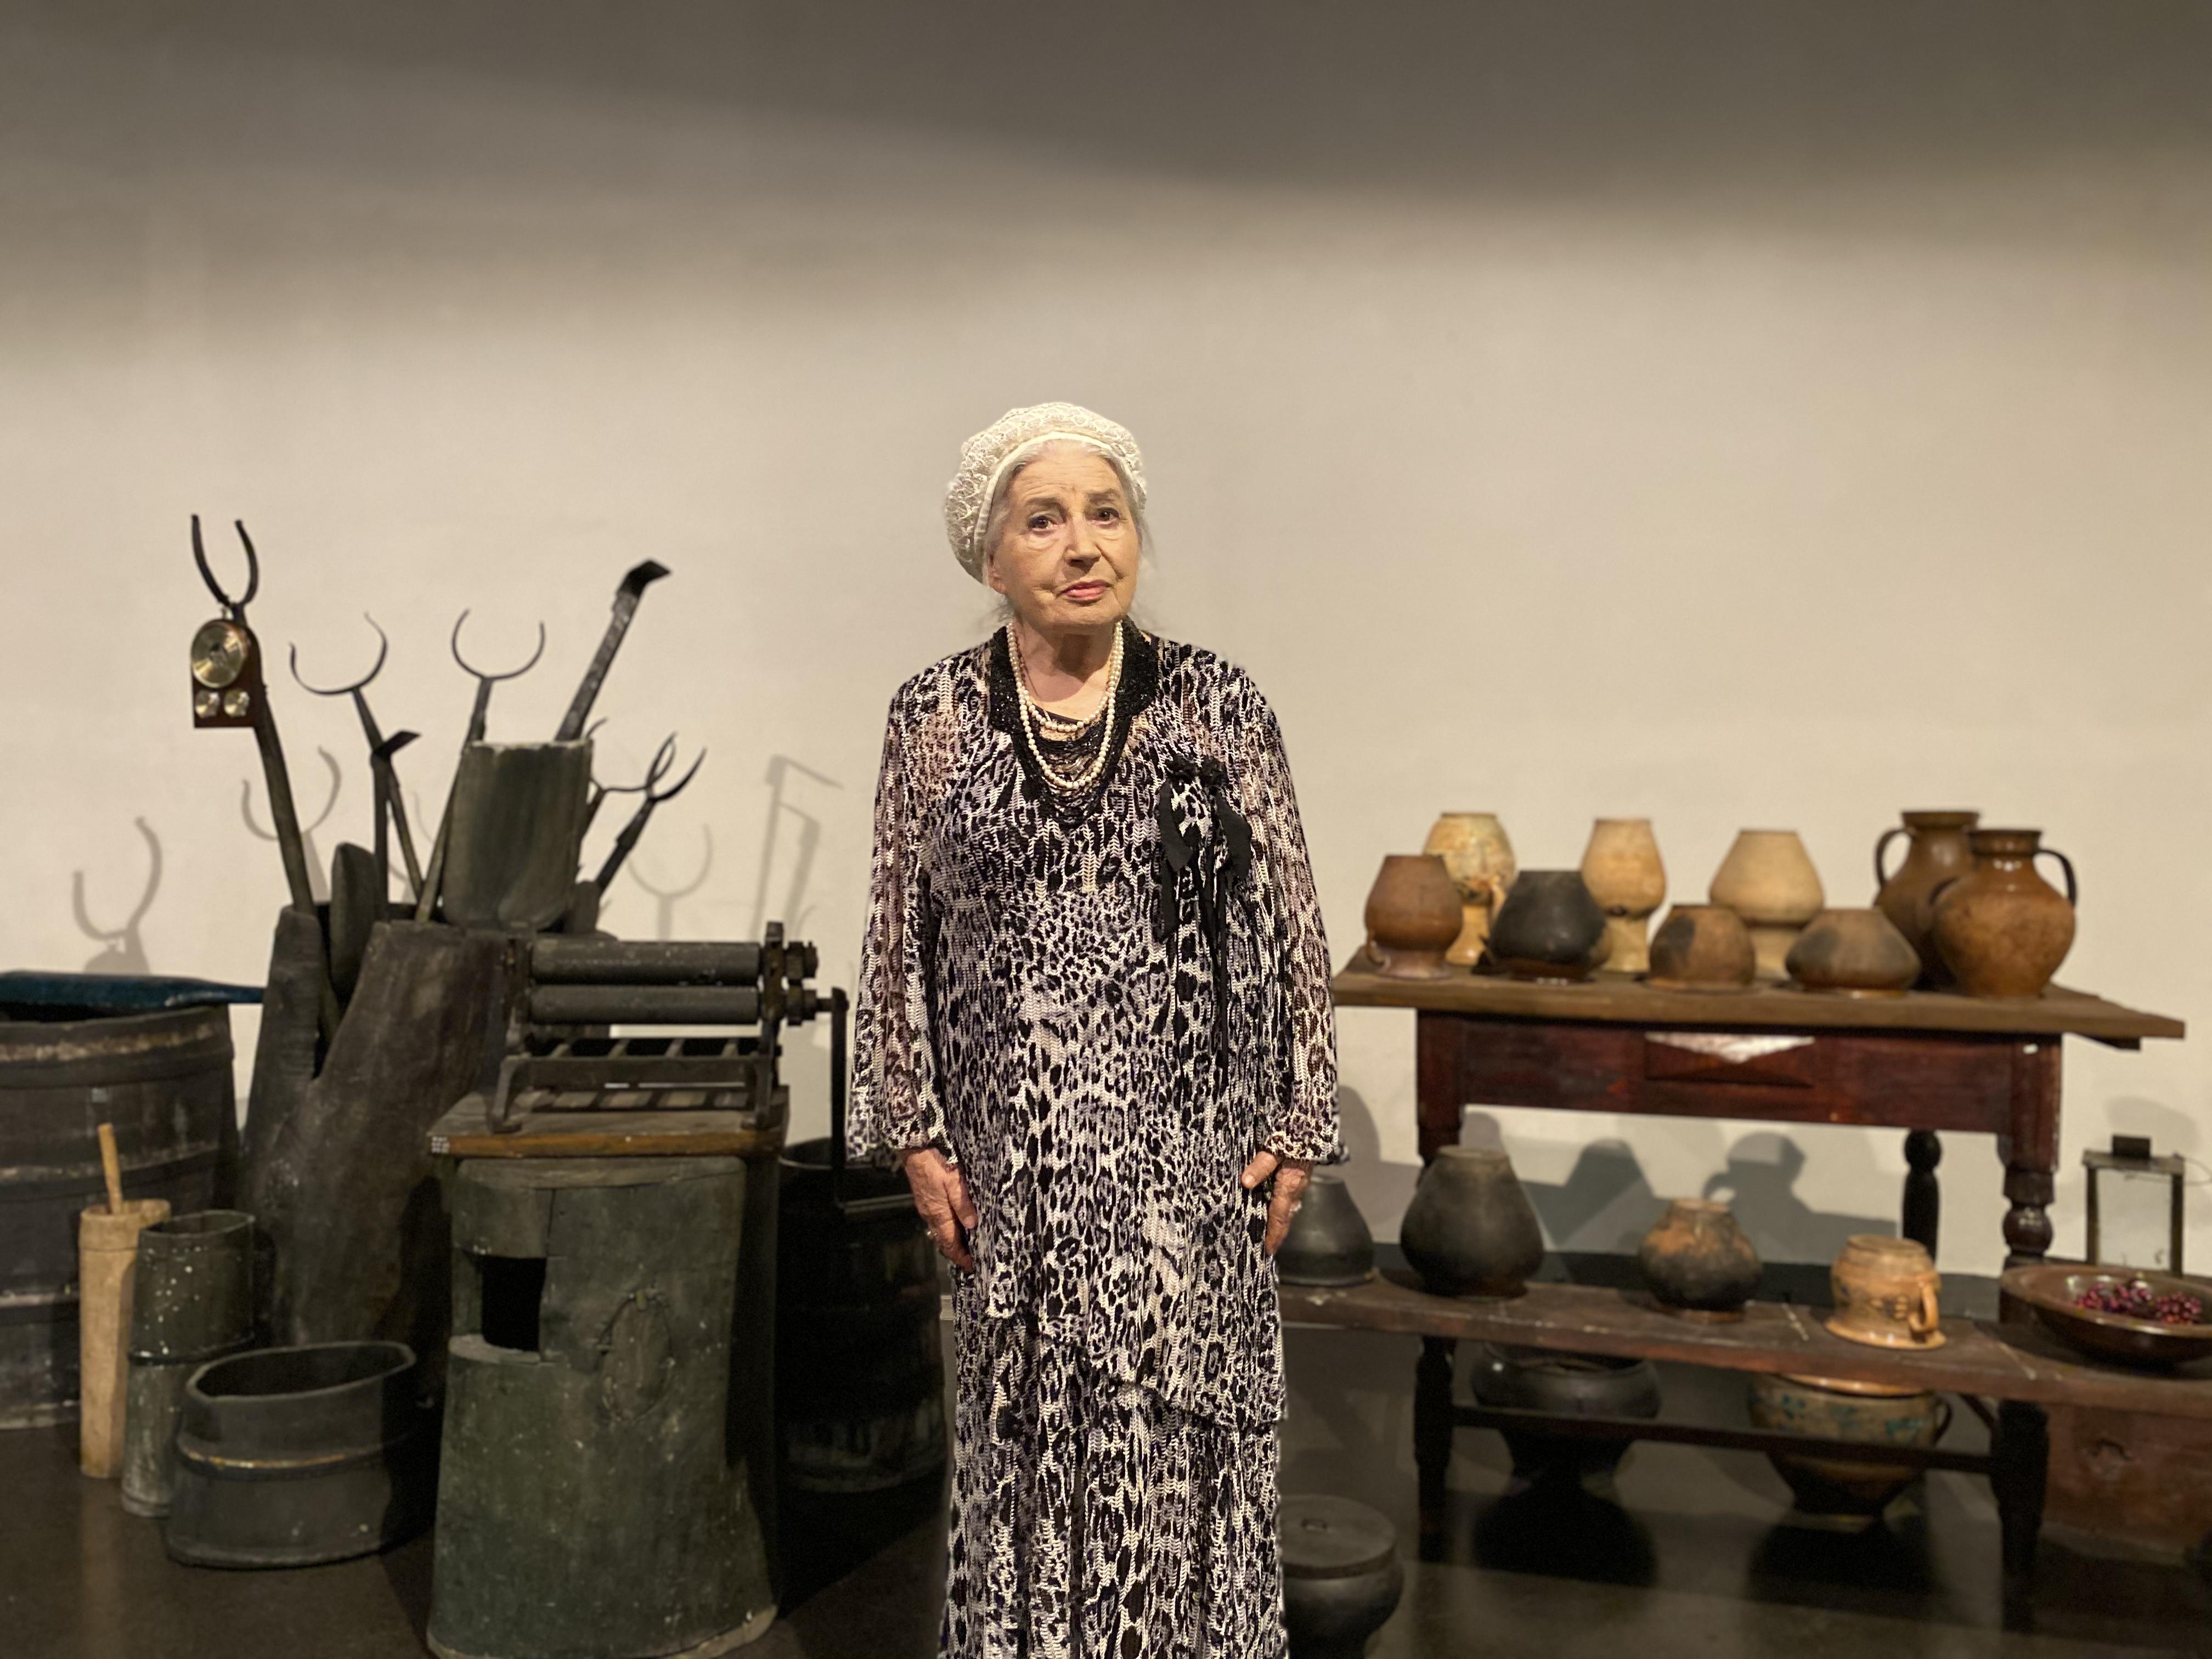 На фото - Галина Яблонська, літня жінка у білому береті та чорно-білій леопардовій сукні на фоні музейної експозиції